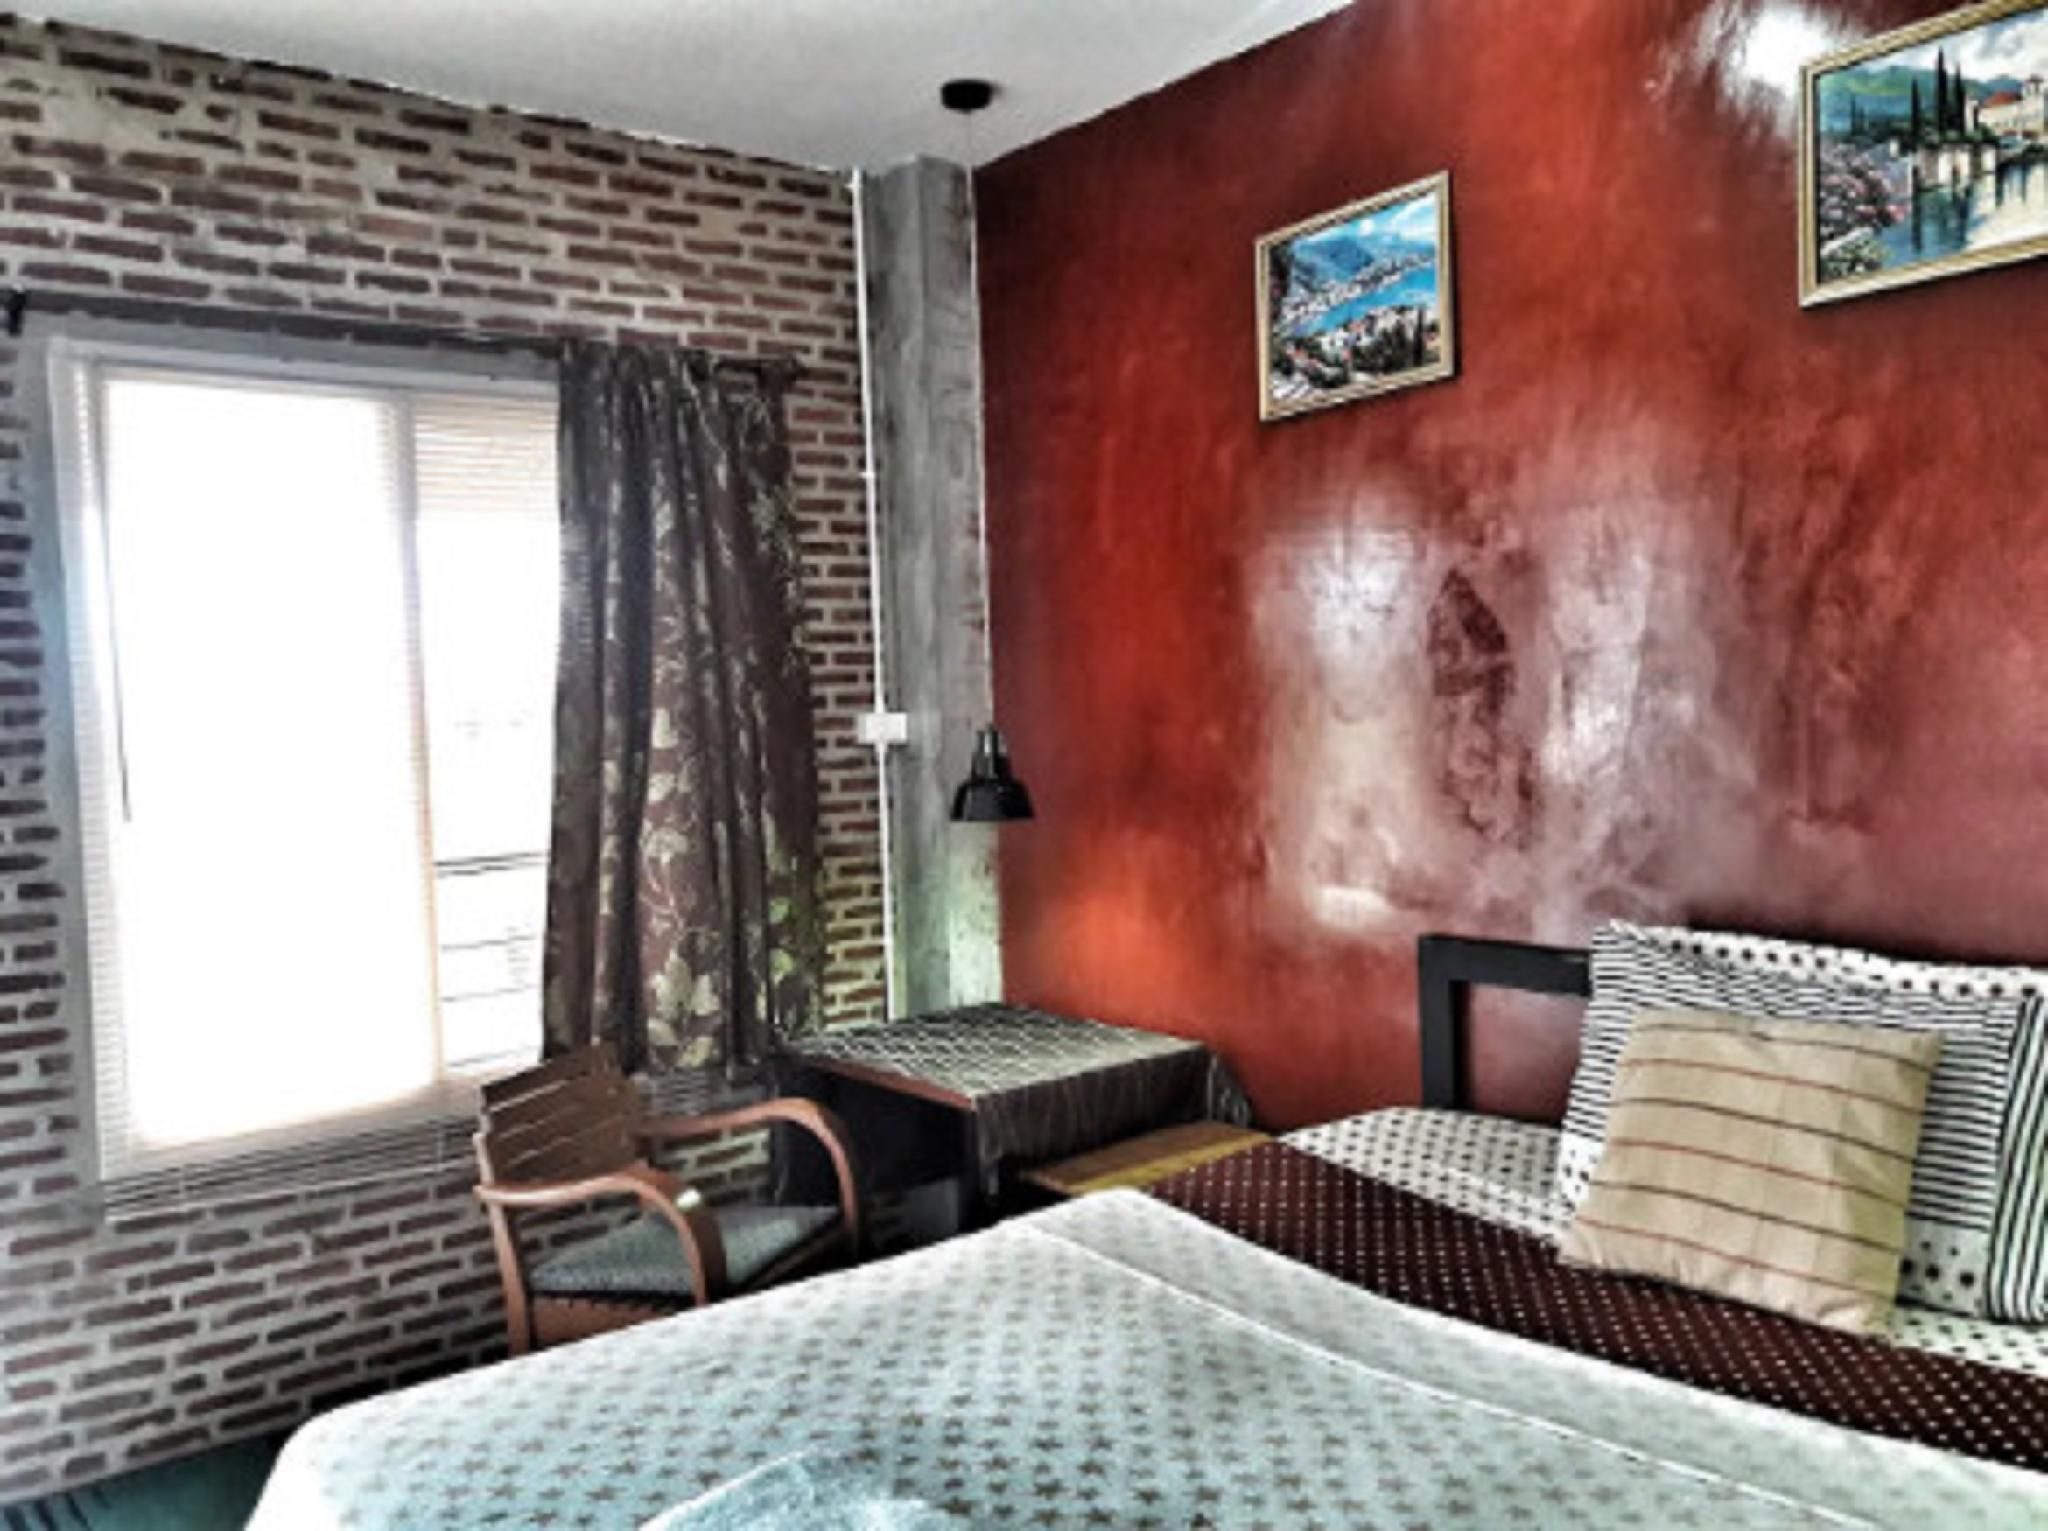 102 Residence - Standard Room & Pool 1 ห้องนอน 1 ห้องน้ำส่วนตัว ขนาด 30 ตร.ม. – สันกำแพง